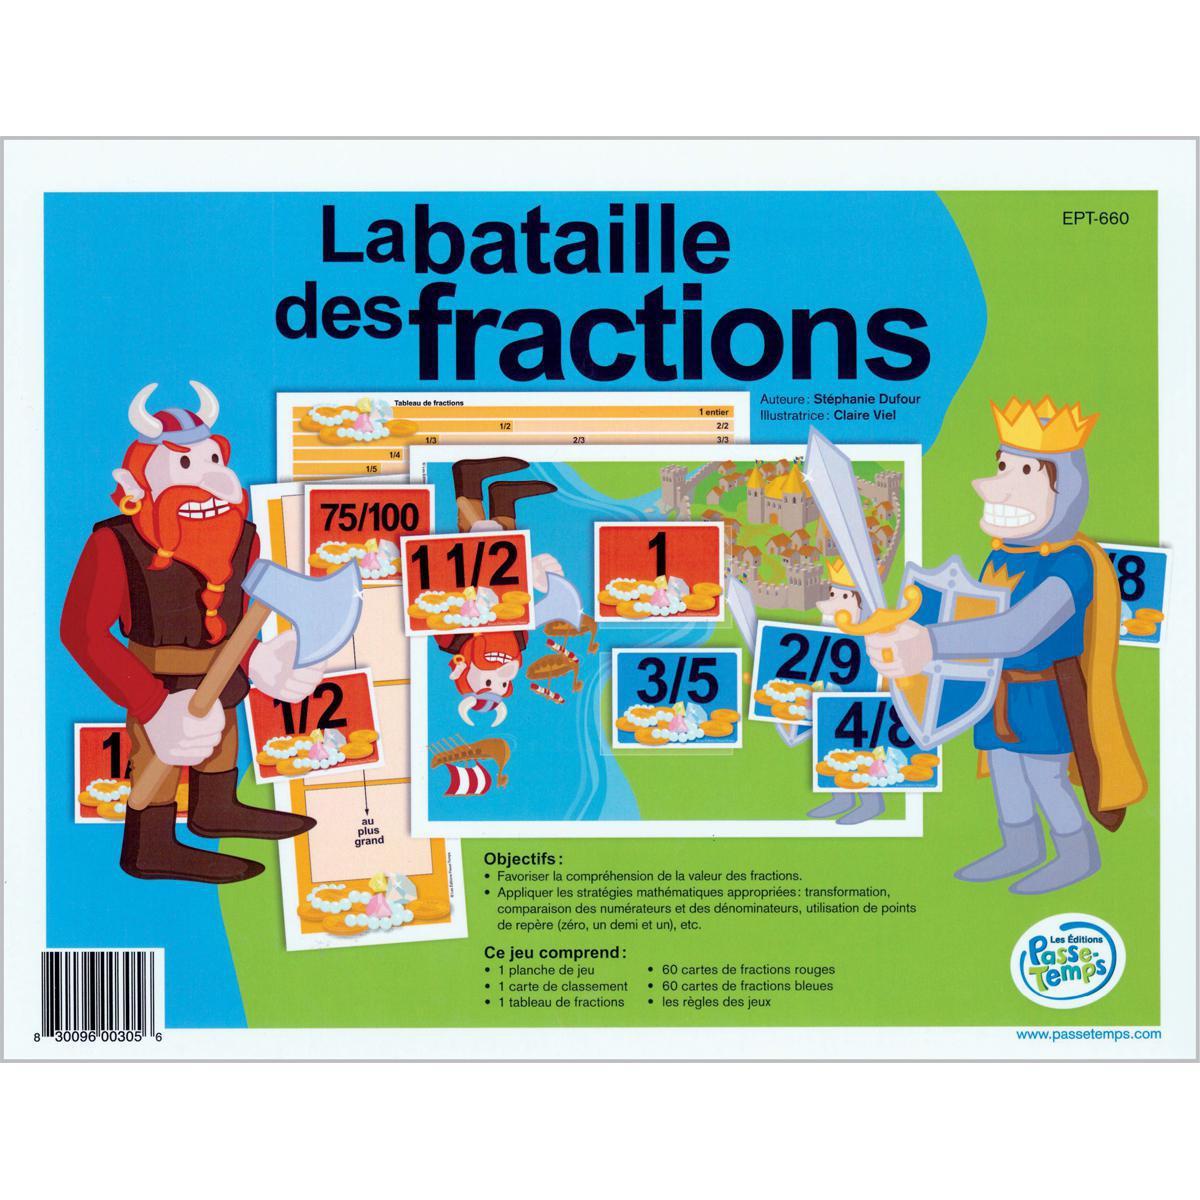 La Bataille des fractions